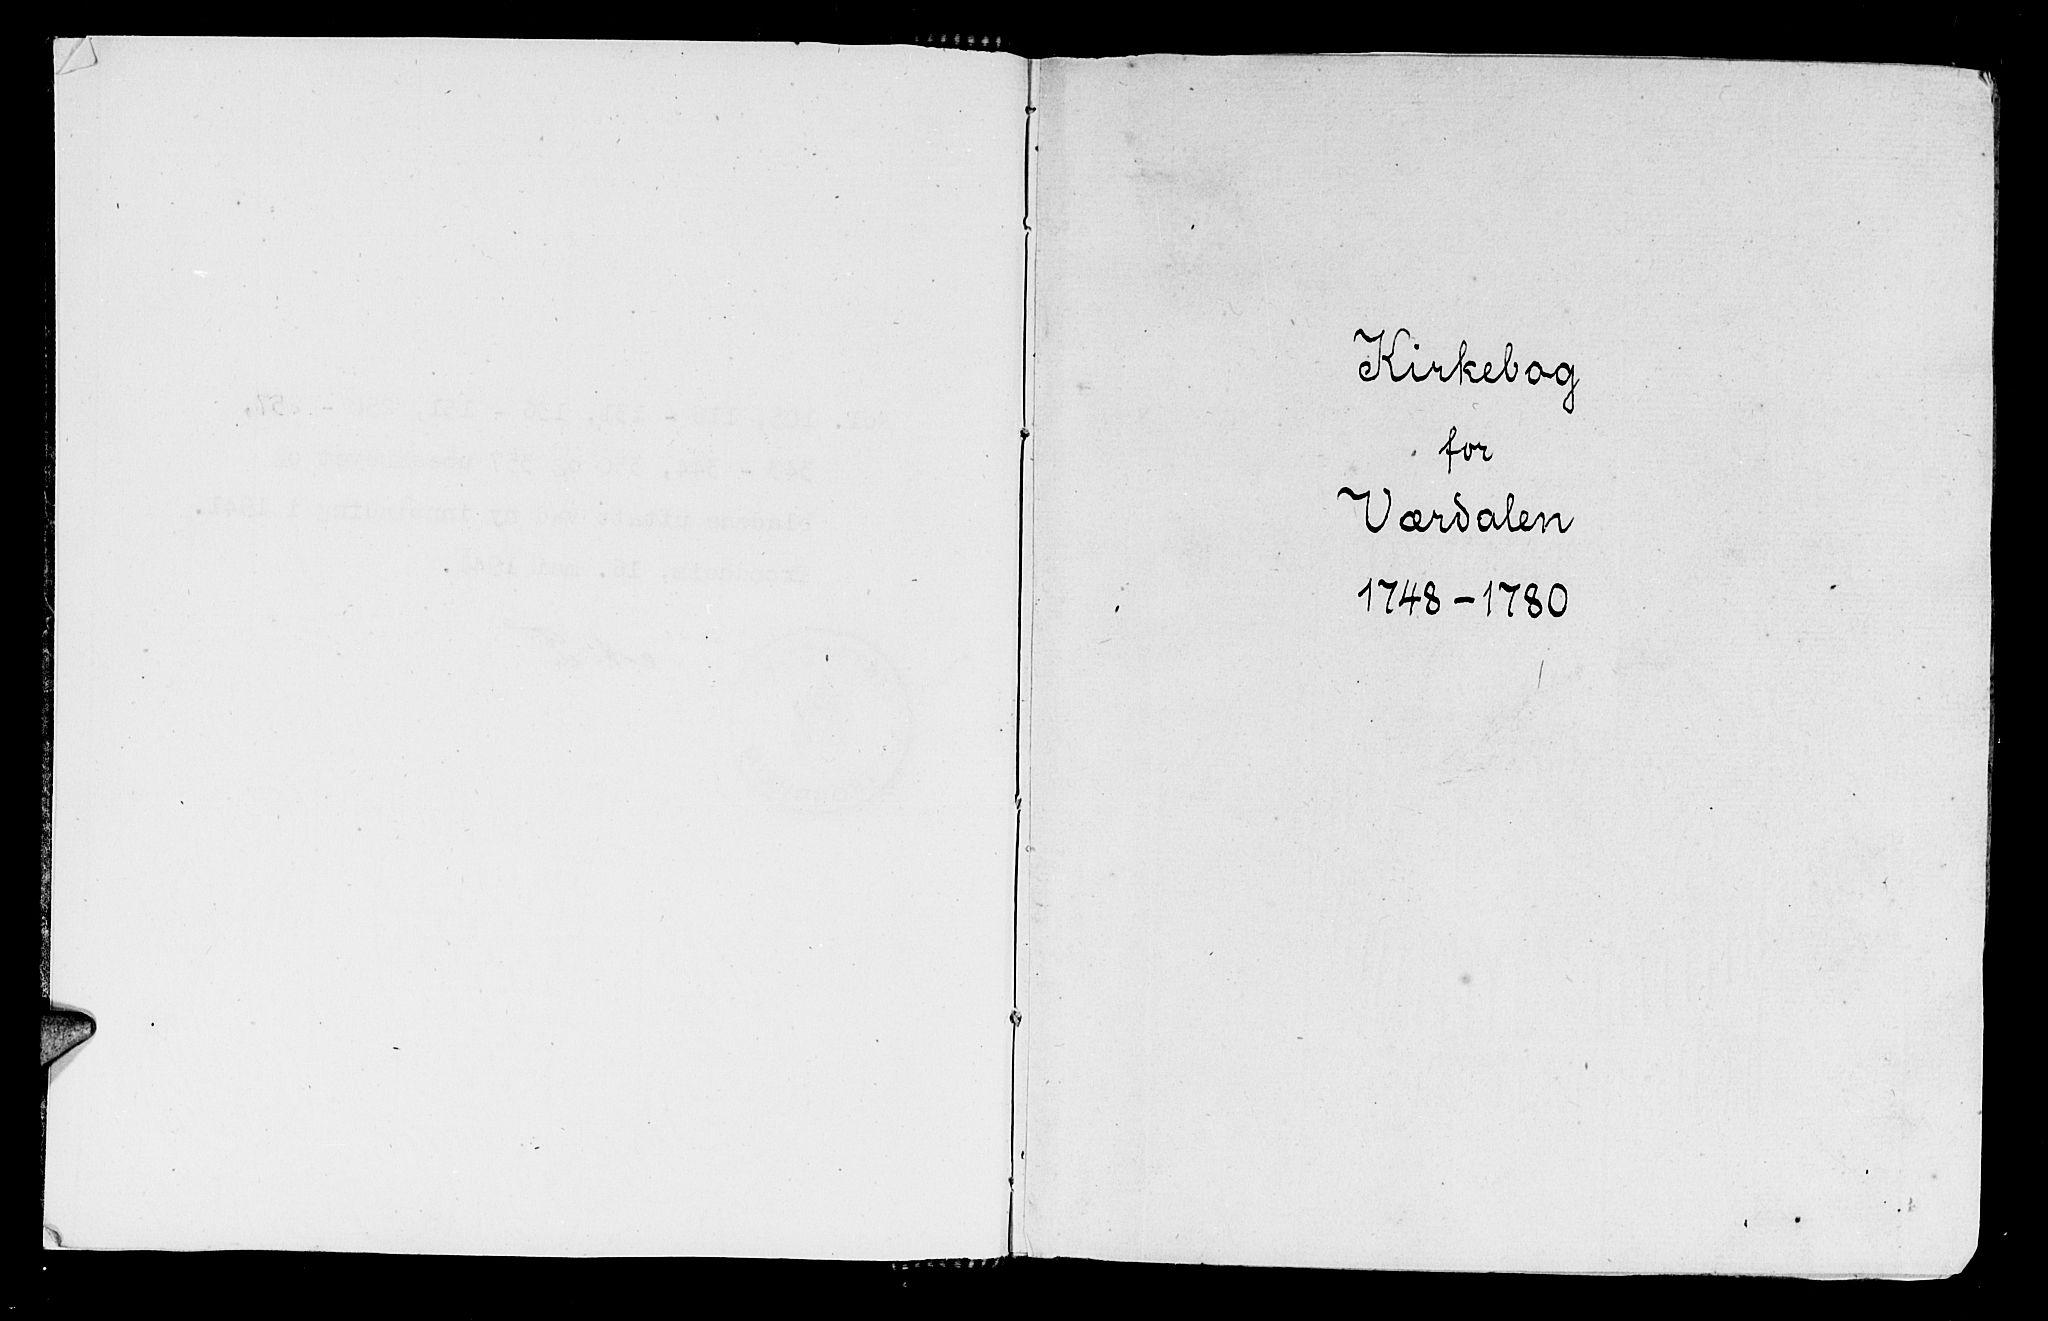 SAT, Ministerialprotokoller, klokkerbøker og fødselsregistre - Nord-Trøndelag, 723/L0231: Parish register (official) no. 723A02, 1748-1780